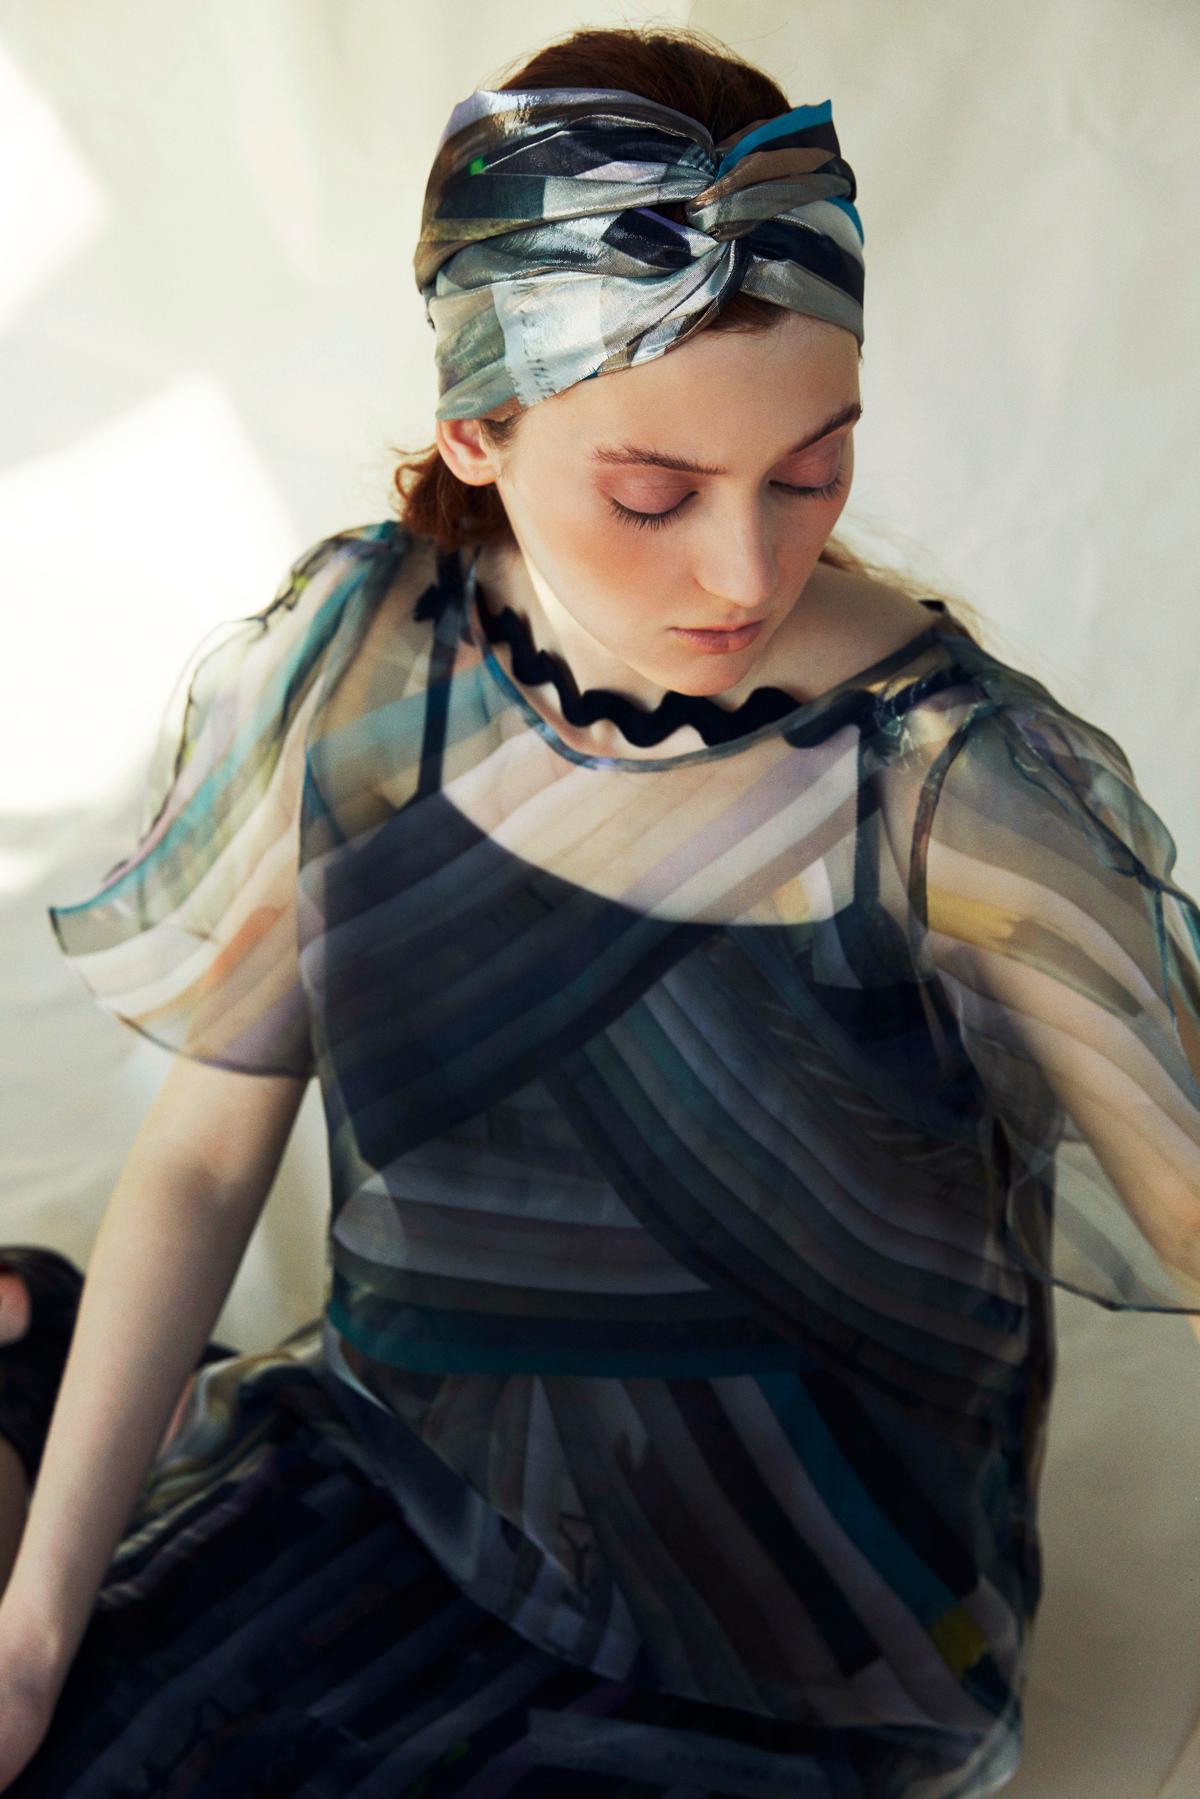 「Romei(ロメイ)」の2017年春夏コレクション。テーマは「MIGRATION(マイグレーション)」。